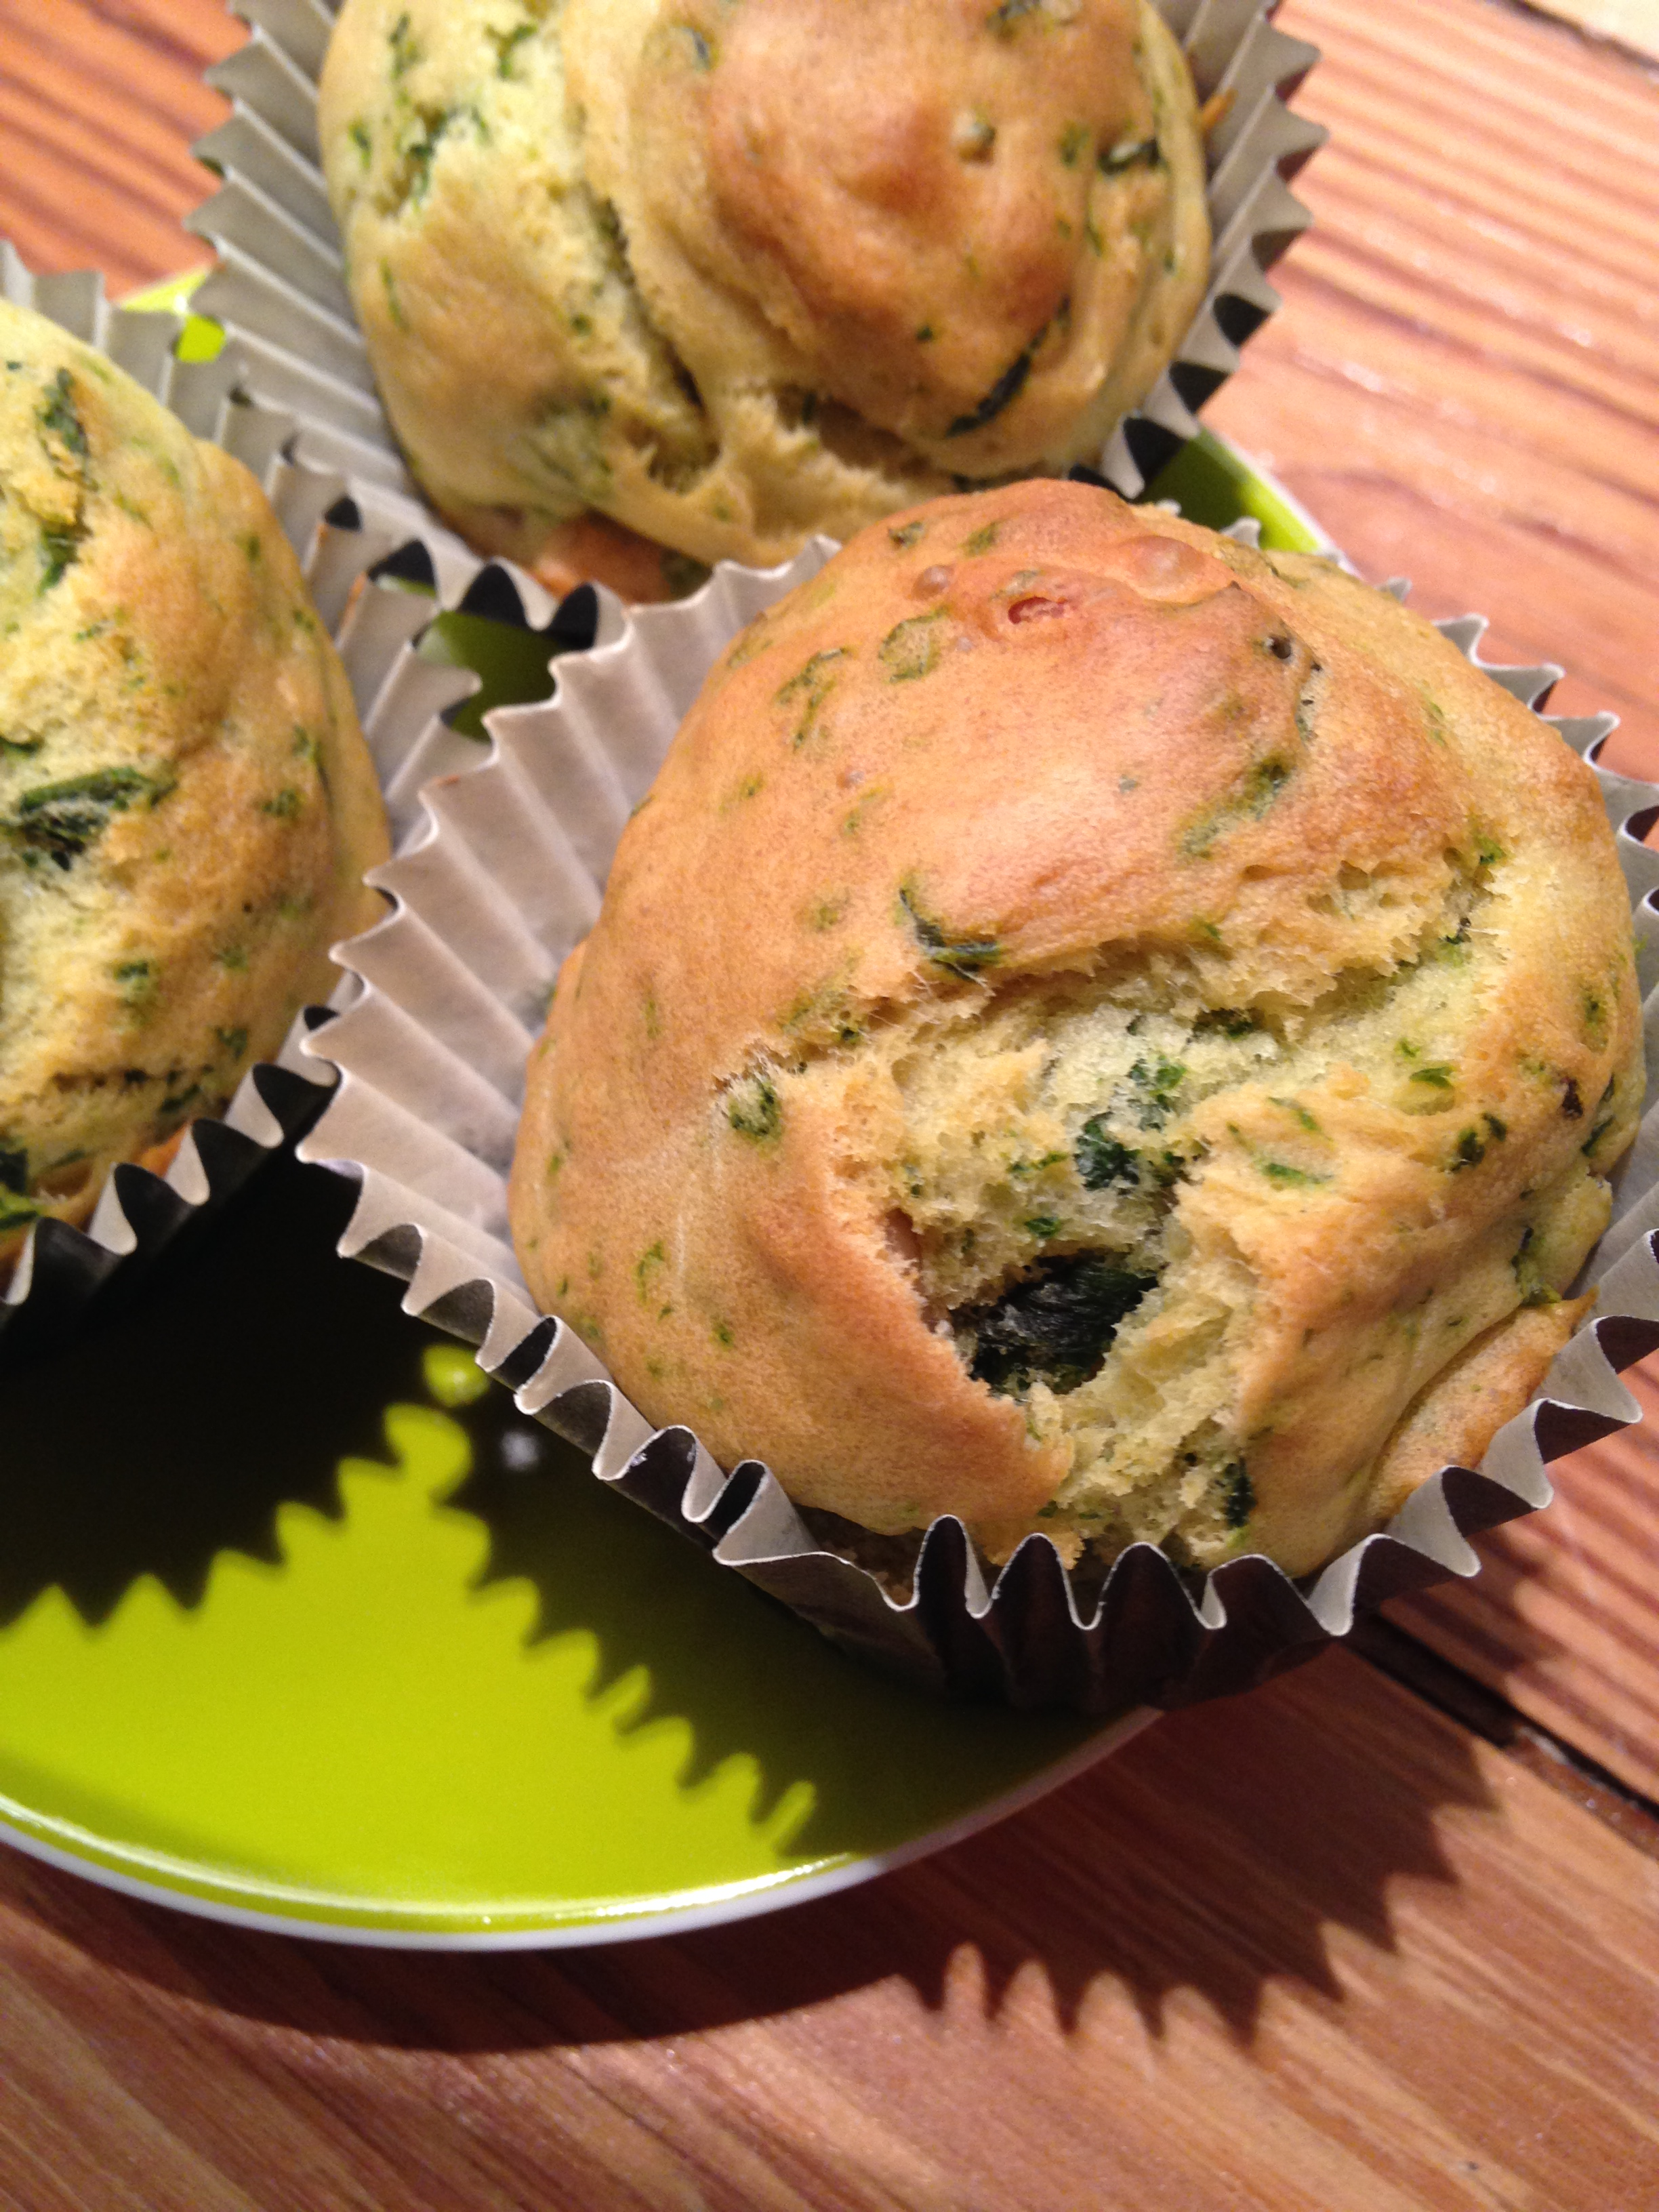 bärlauch-pinienkerne-muffins | wild garlic pine nuts muffins | vegan | vegetarian ❤